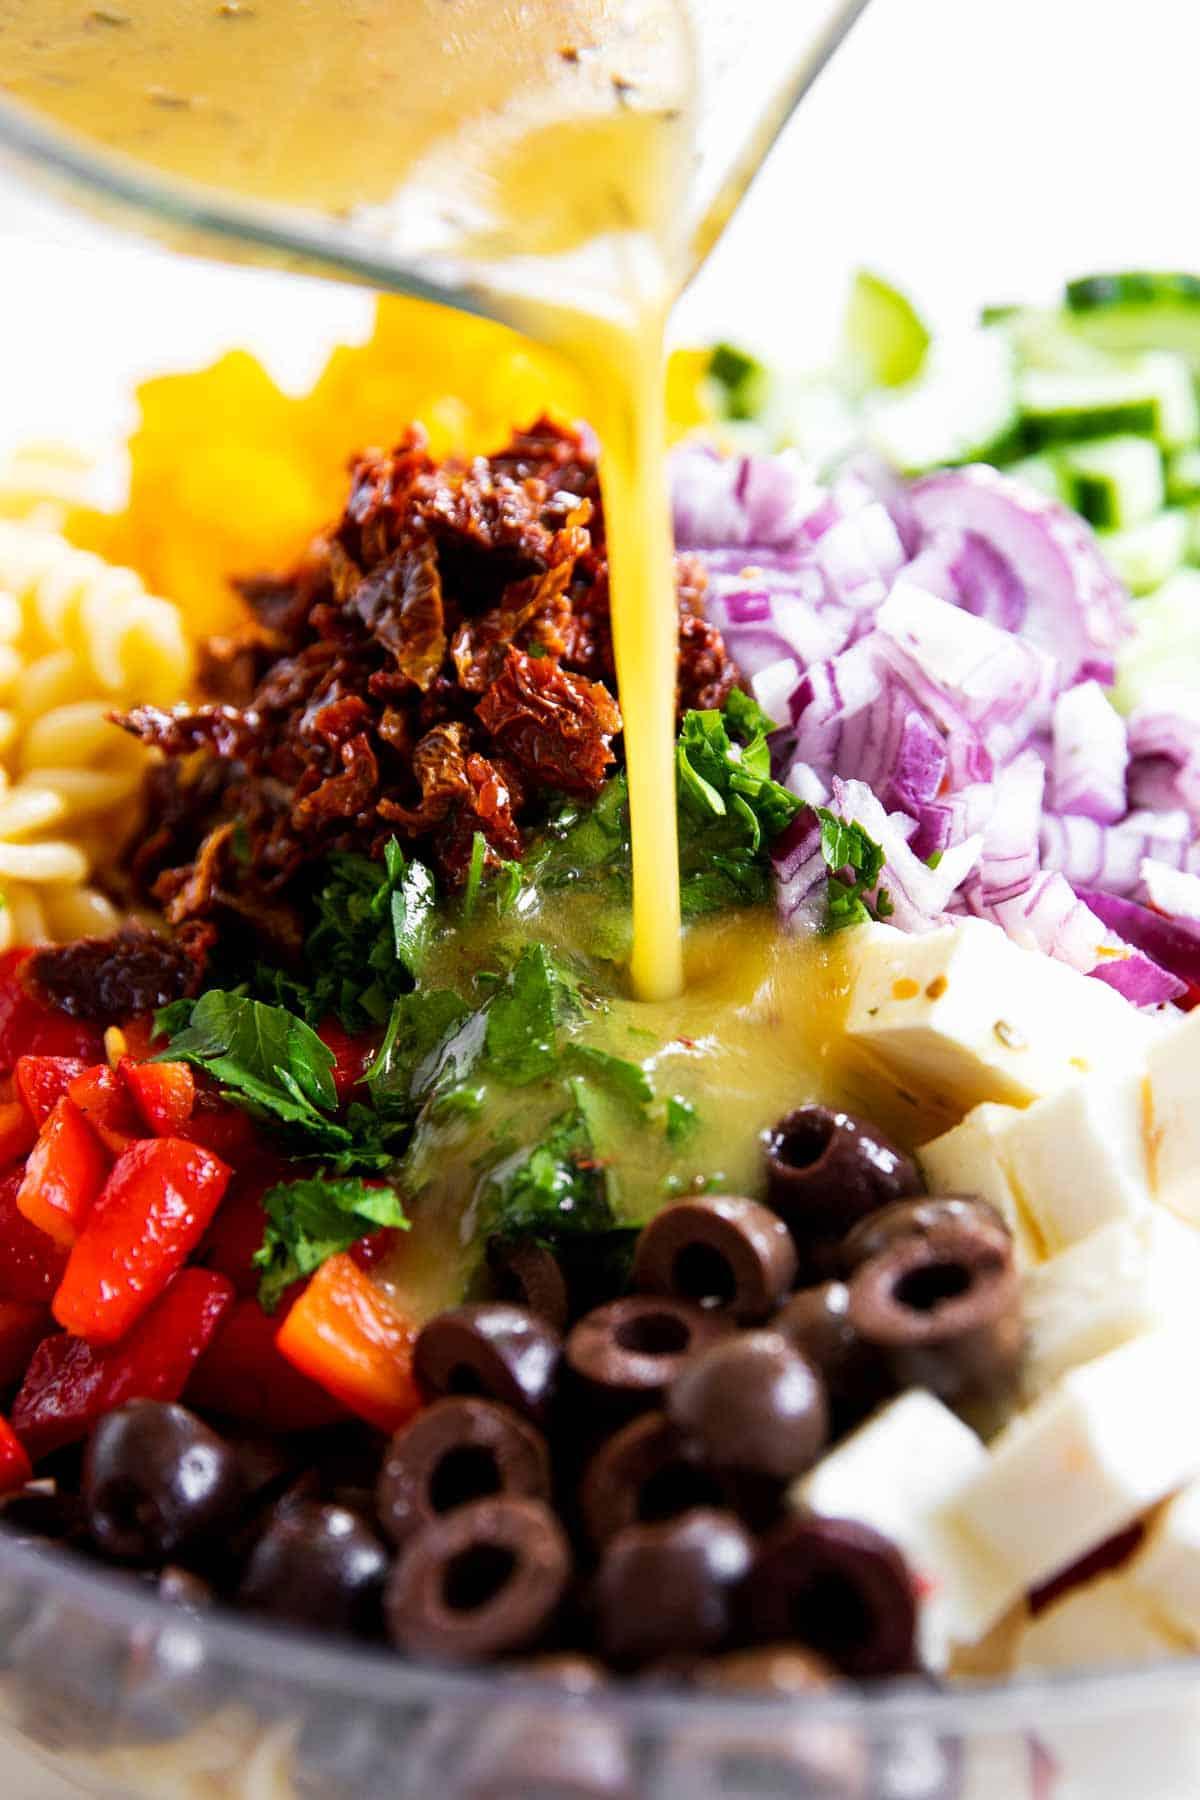 Greek salad dressing pouring over salad ingredients for Greek pasta salad